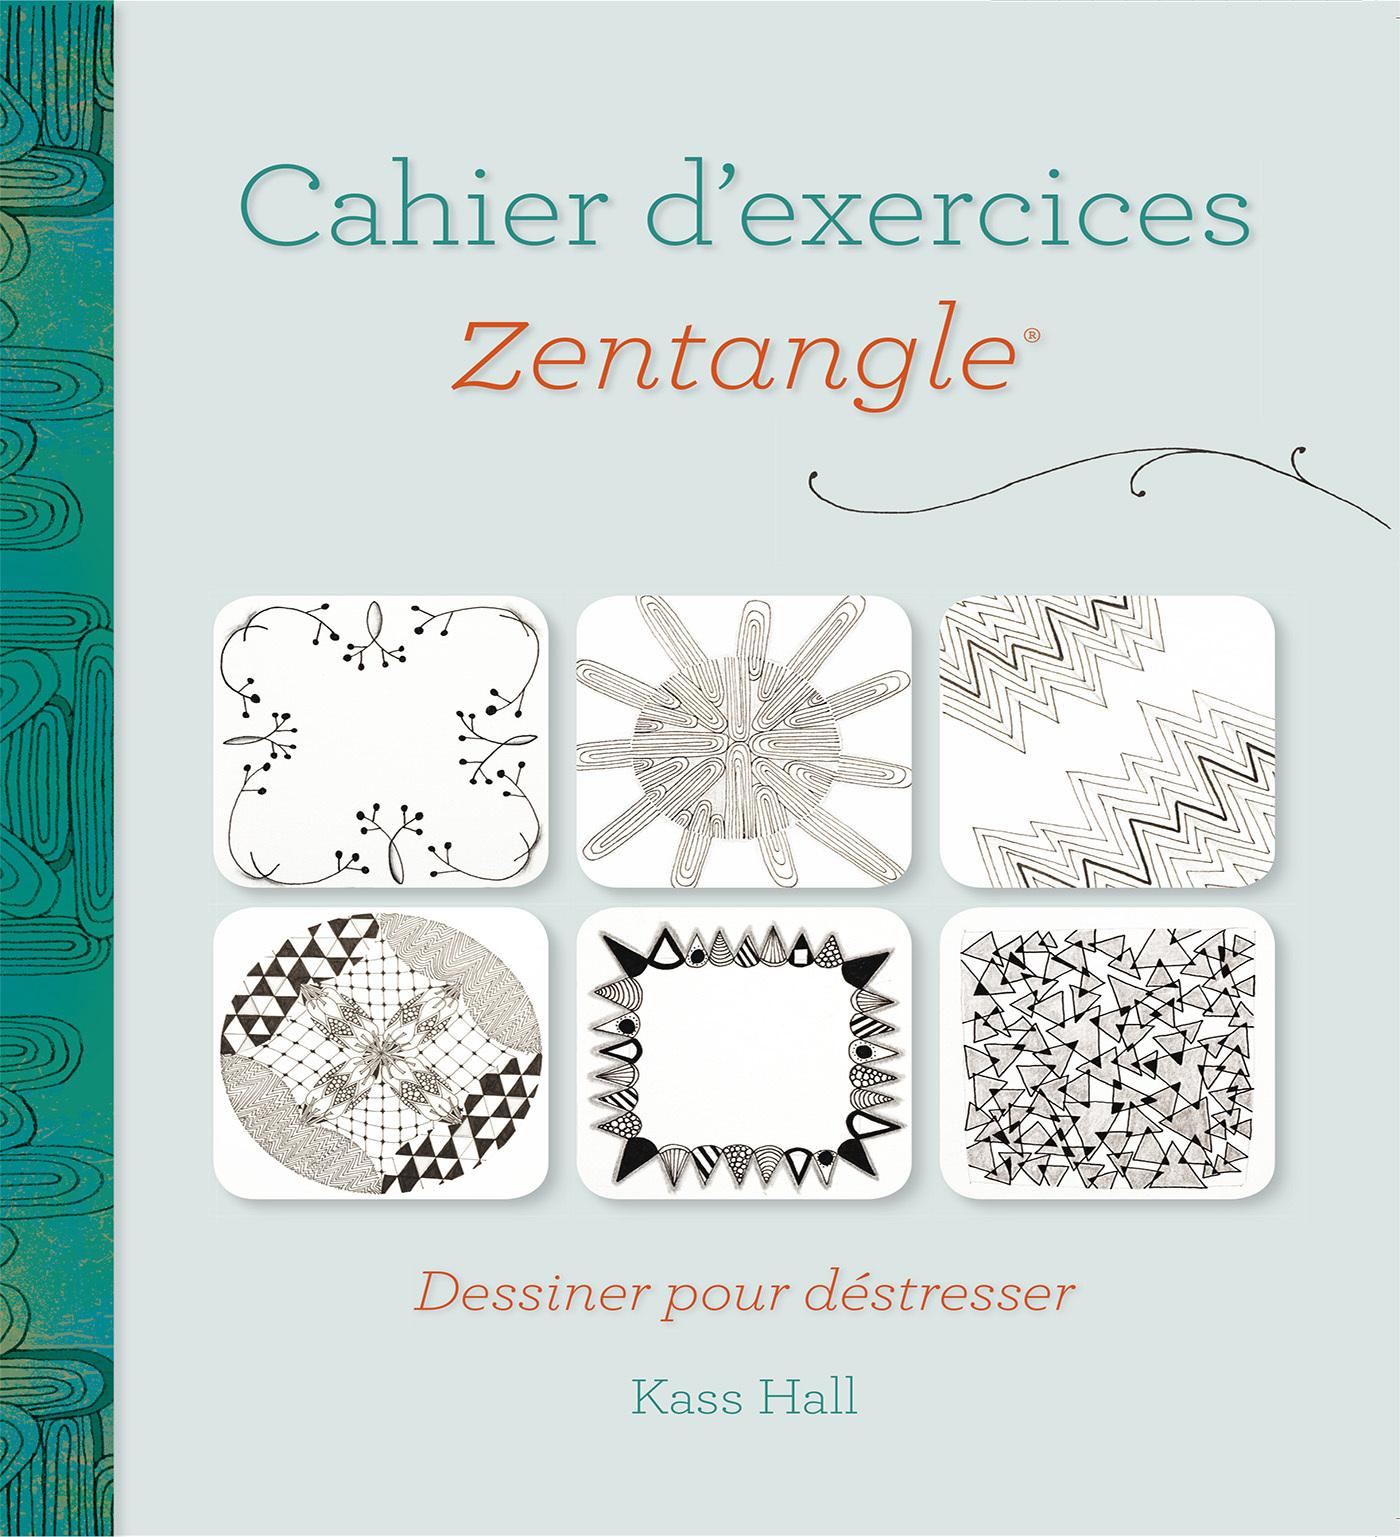 CAHIER D'EXERCICES ZENTANGLE DESSINER POUR DESTRESSER